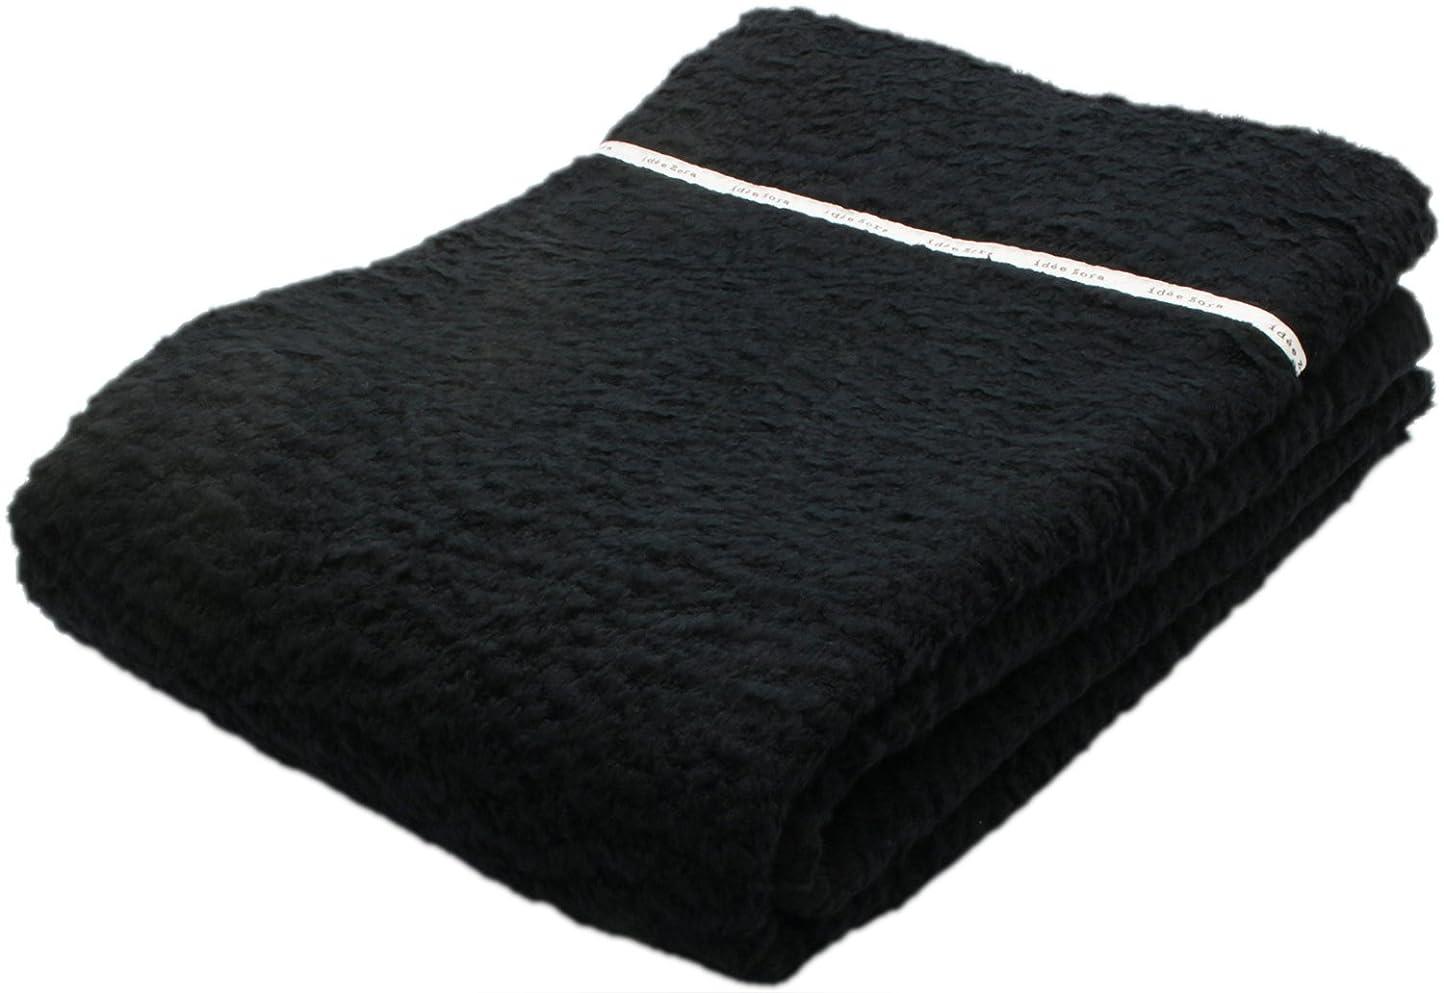 州苗バッジ今治タオル タオルケット イデゾラ ナチュラルタイム もこもこ ブラック シングル (約140×190cm) IZ0268